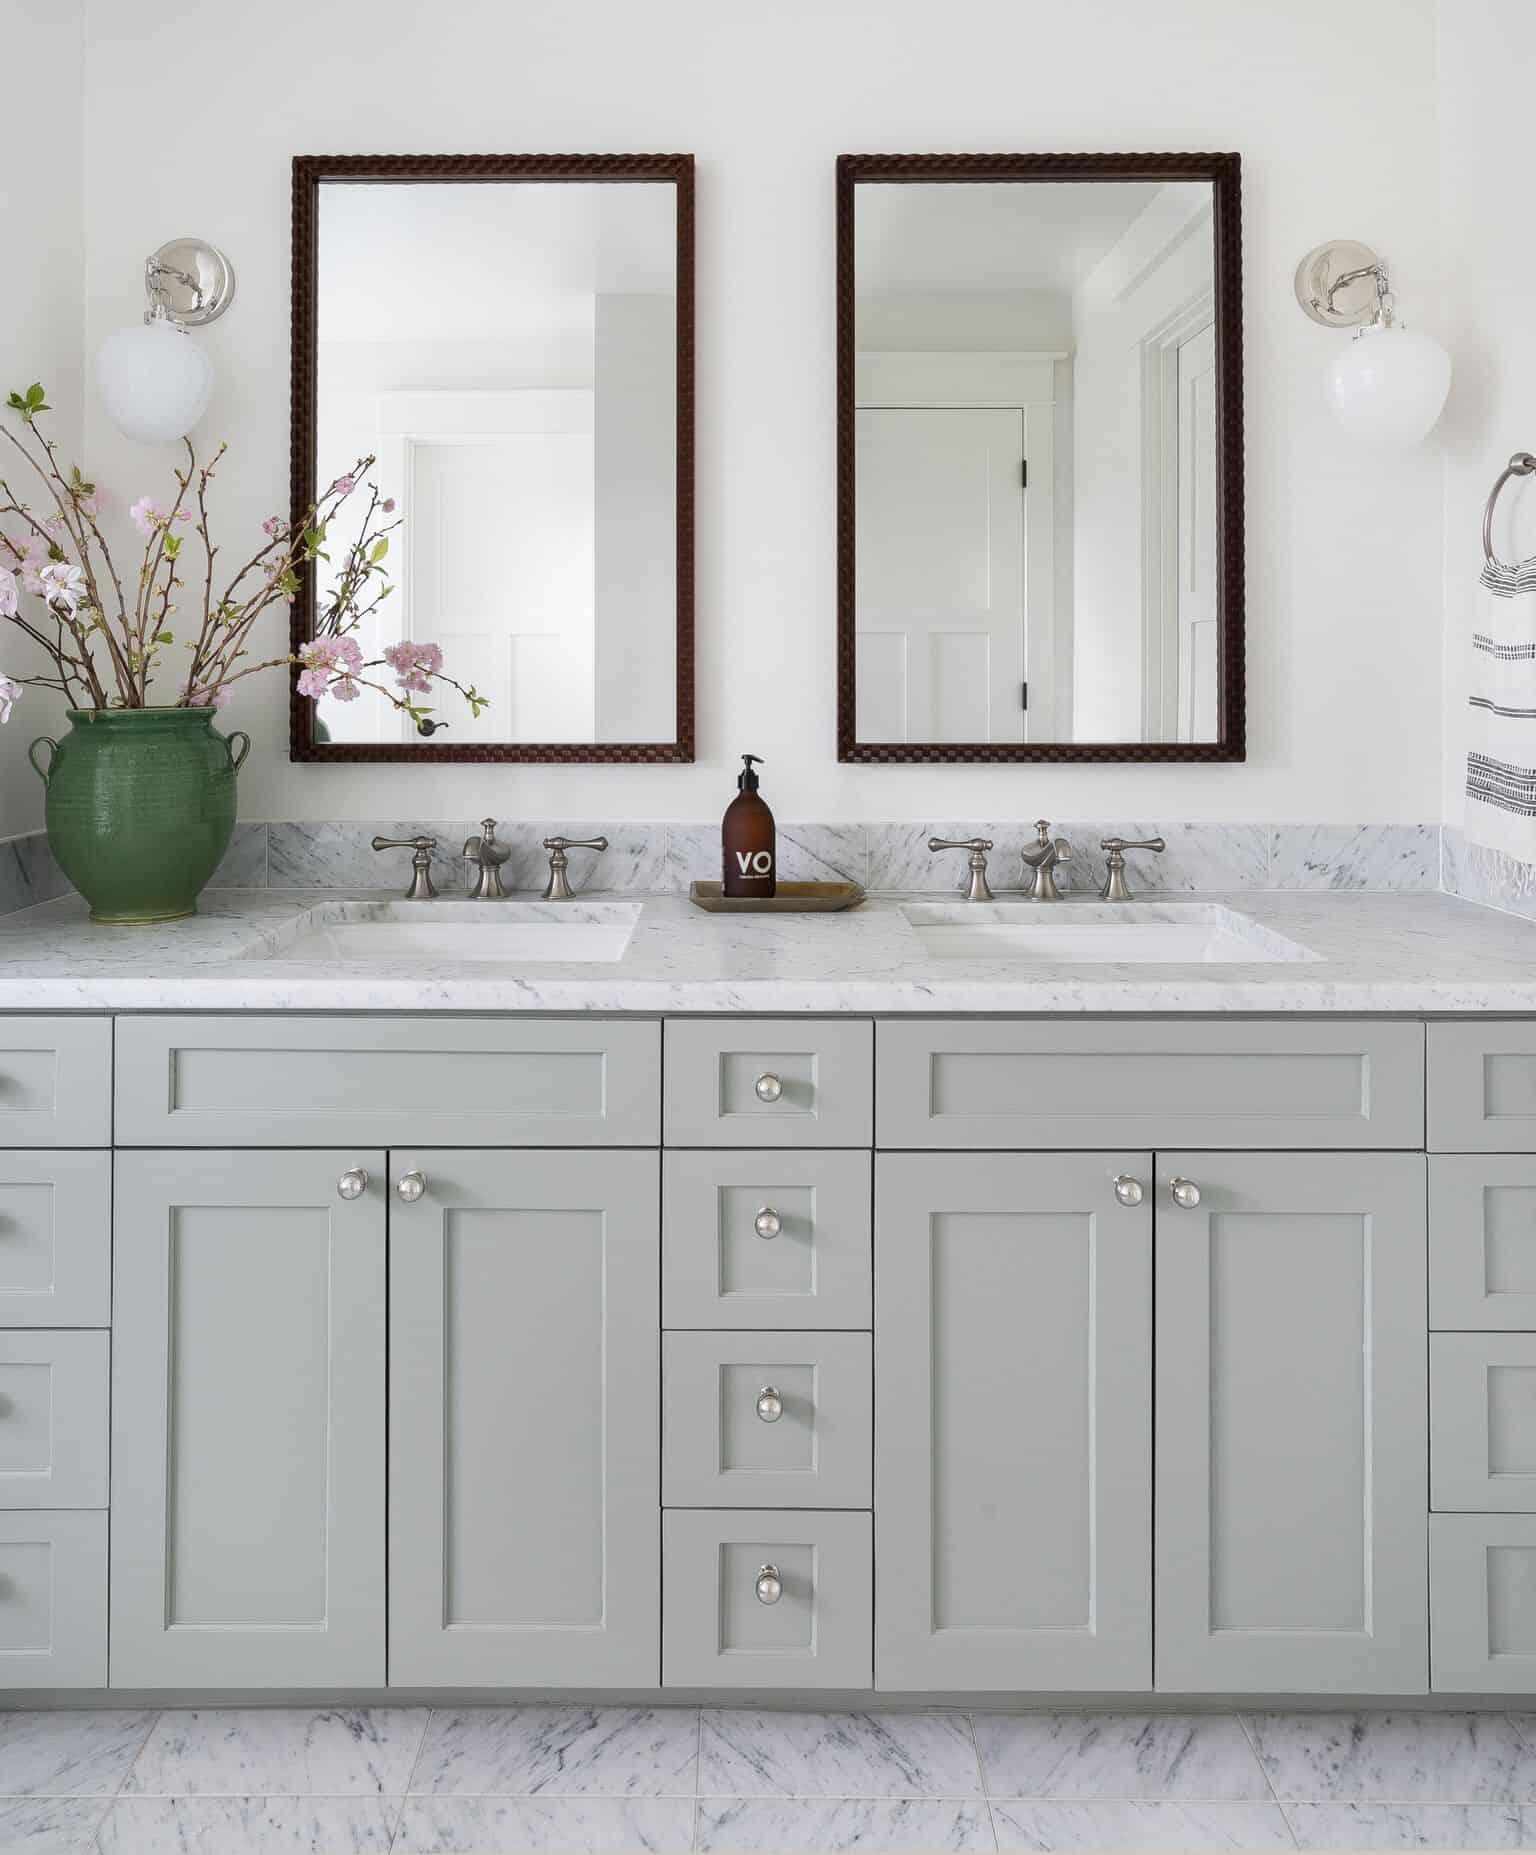 Heidi-Caillier-Design-Seattle-interior-designer-bathroom